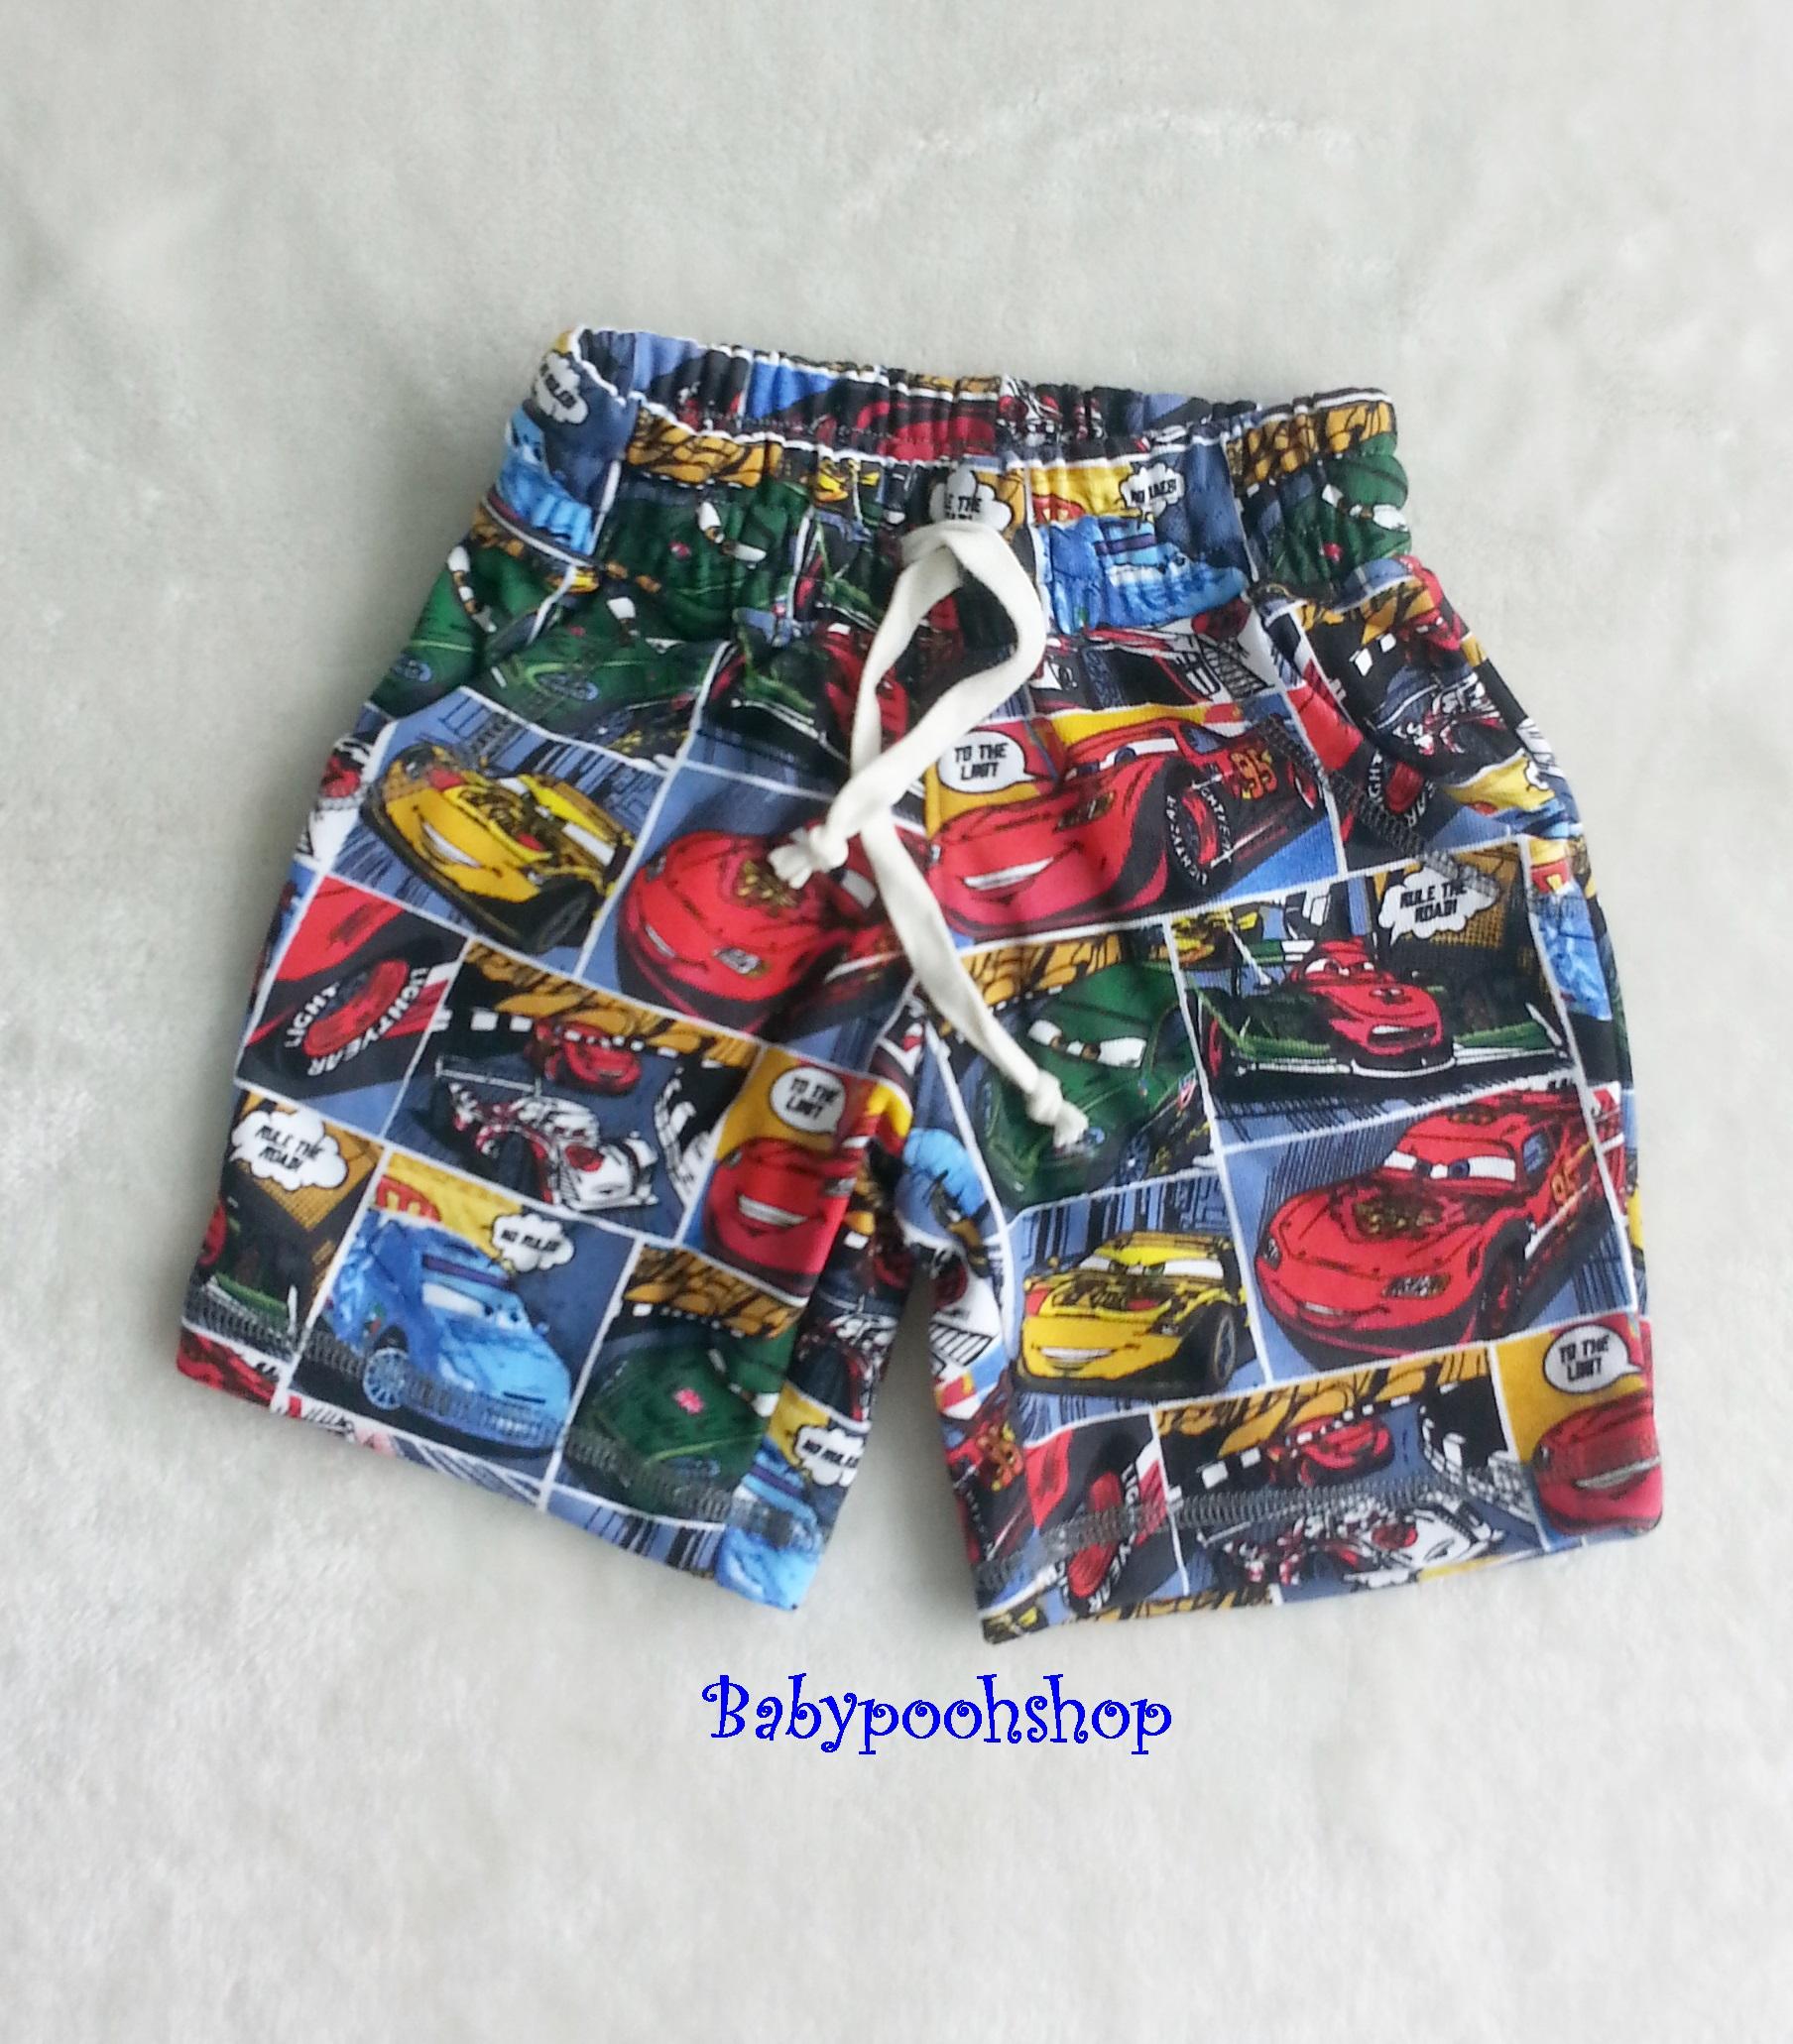 H&M : กางเกงขาสั้นผ้ายืด ลาย Car เชือกผูกรูดเอวได้ size : 1.5-2y / 4-6y